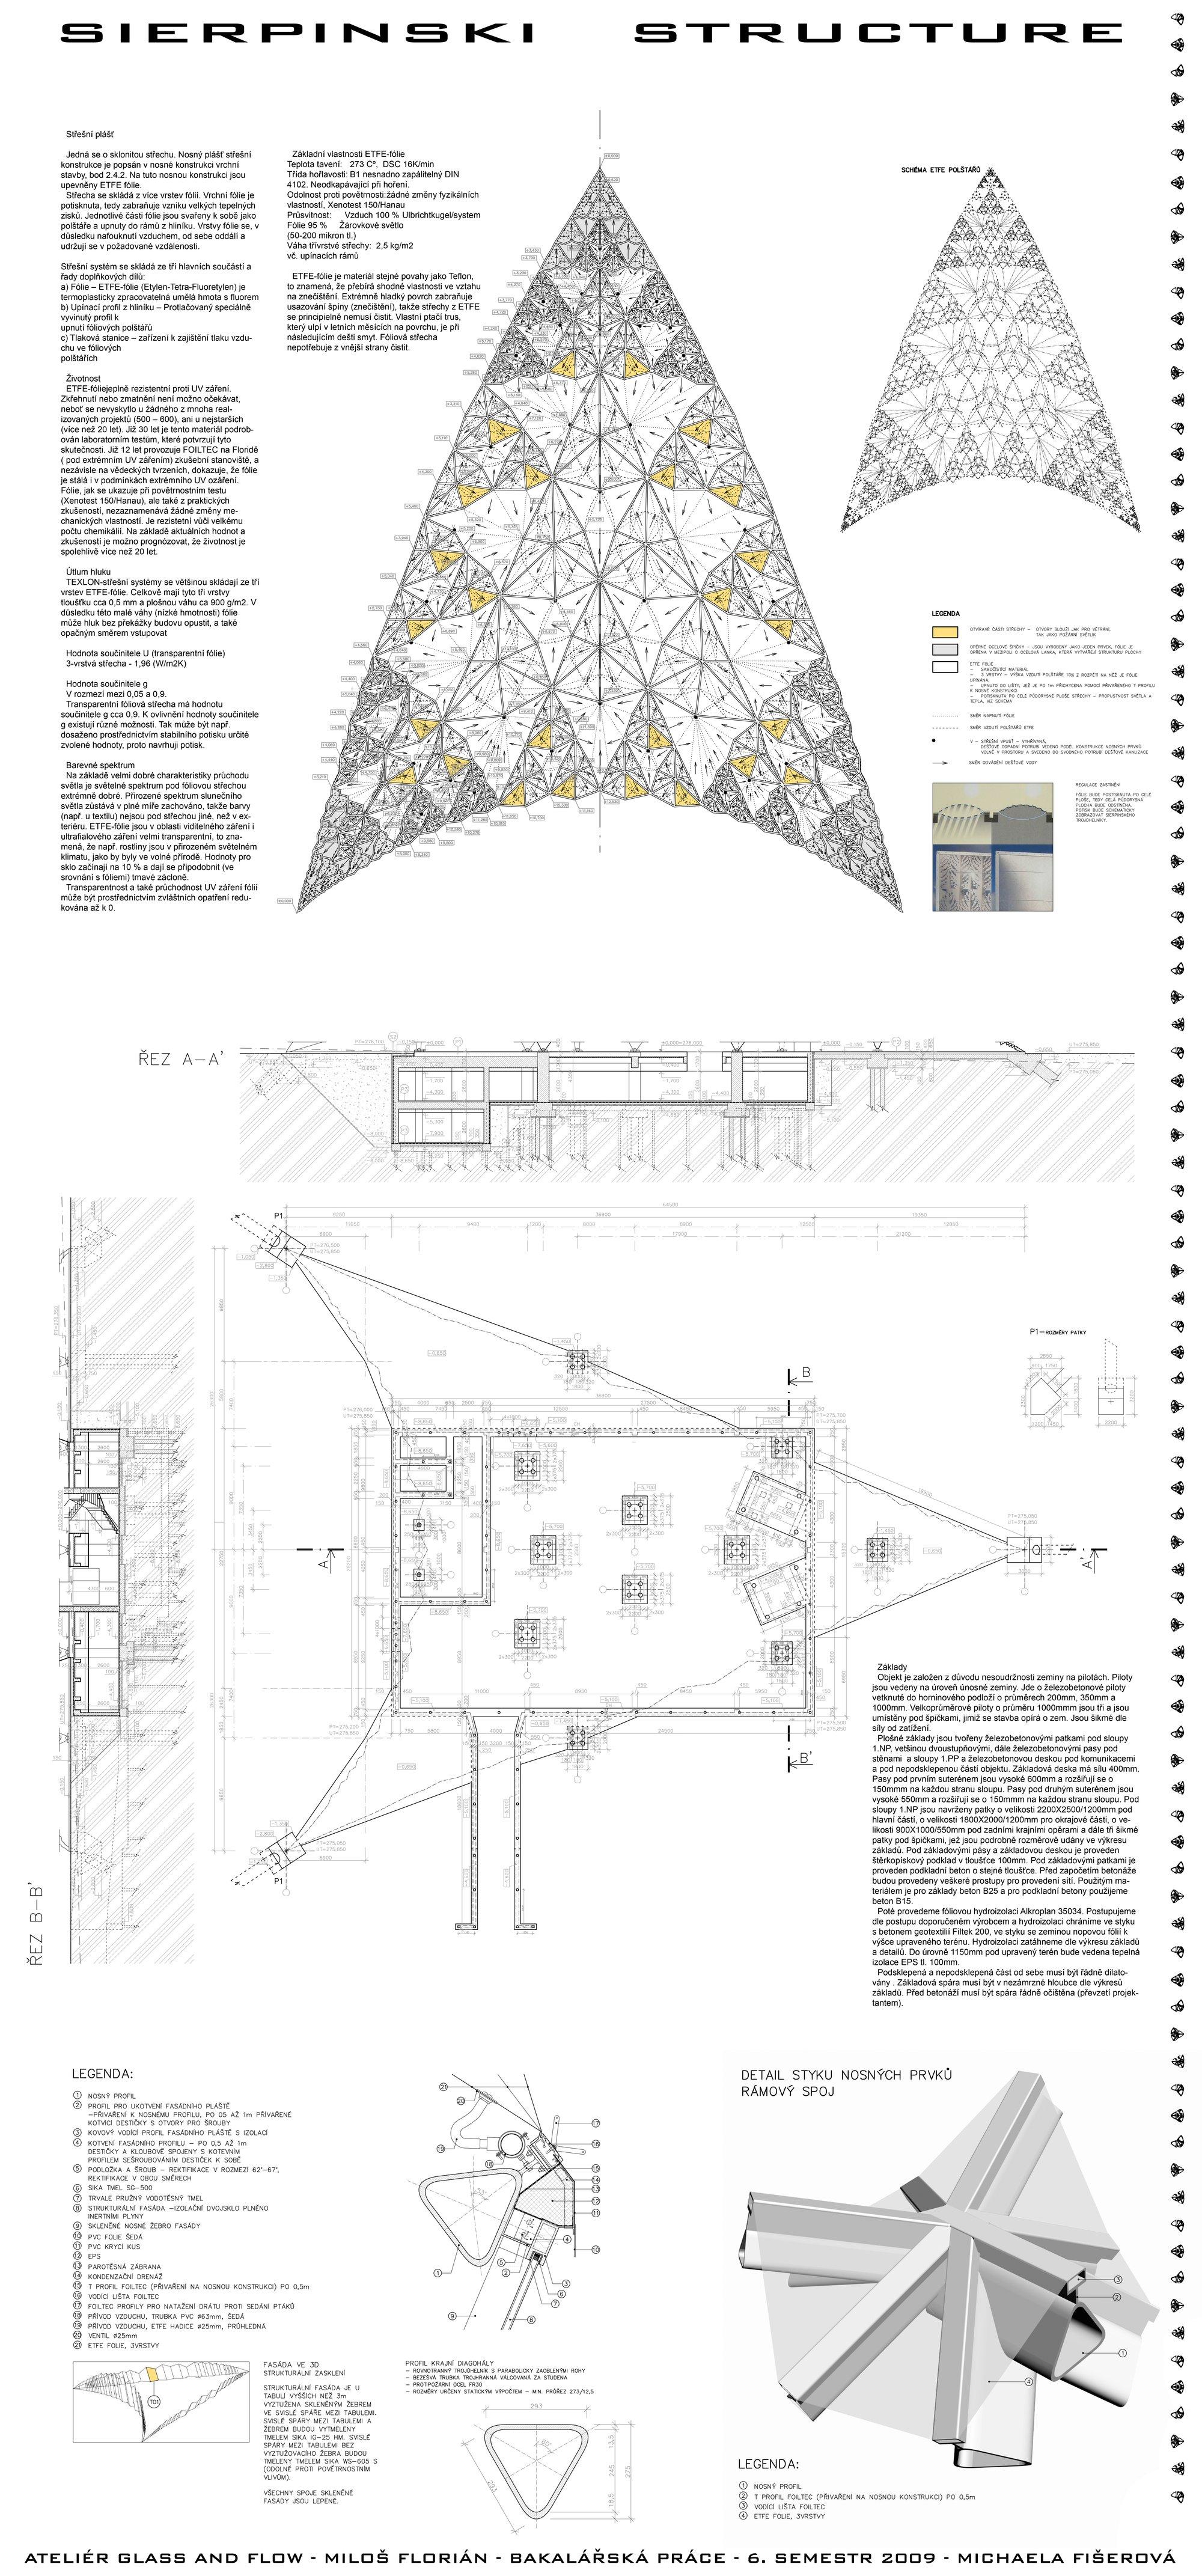 Michaela Fišerová | Sierpinsky Structure